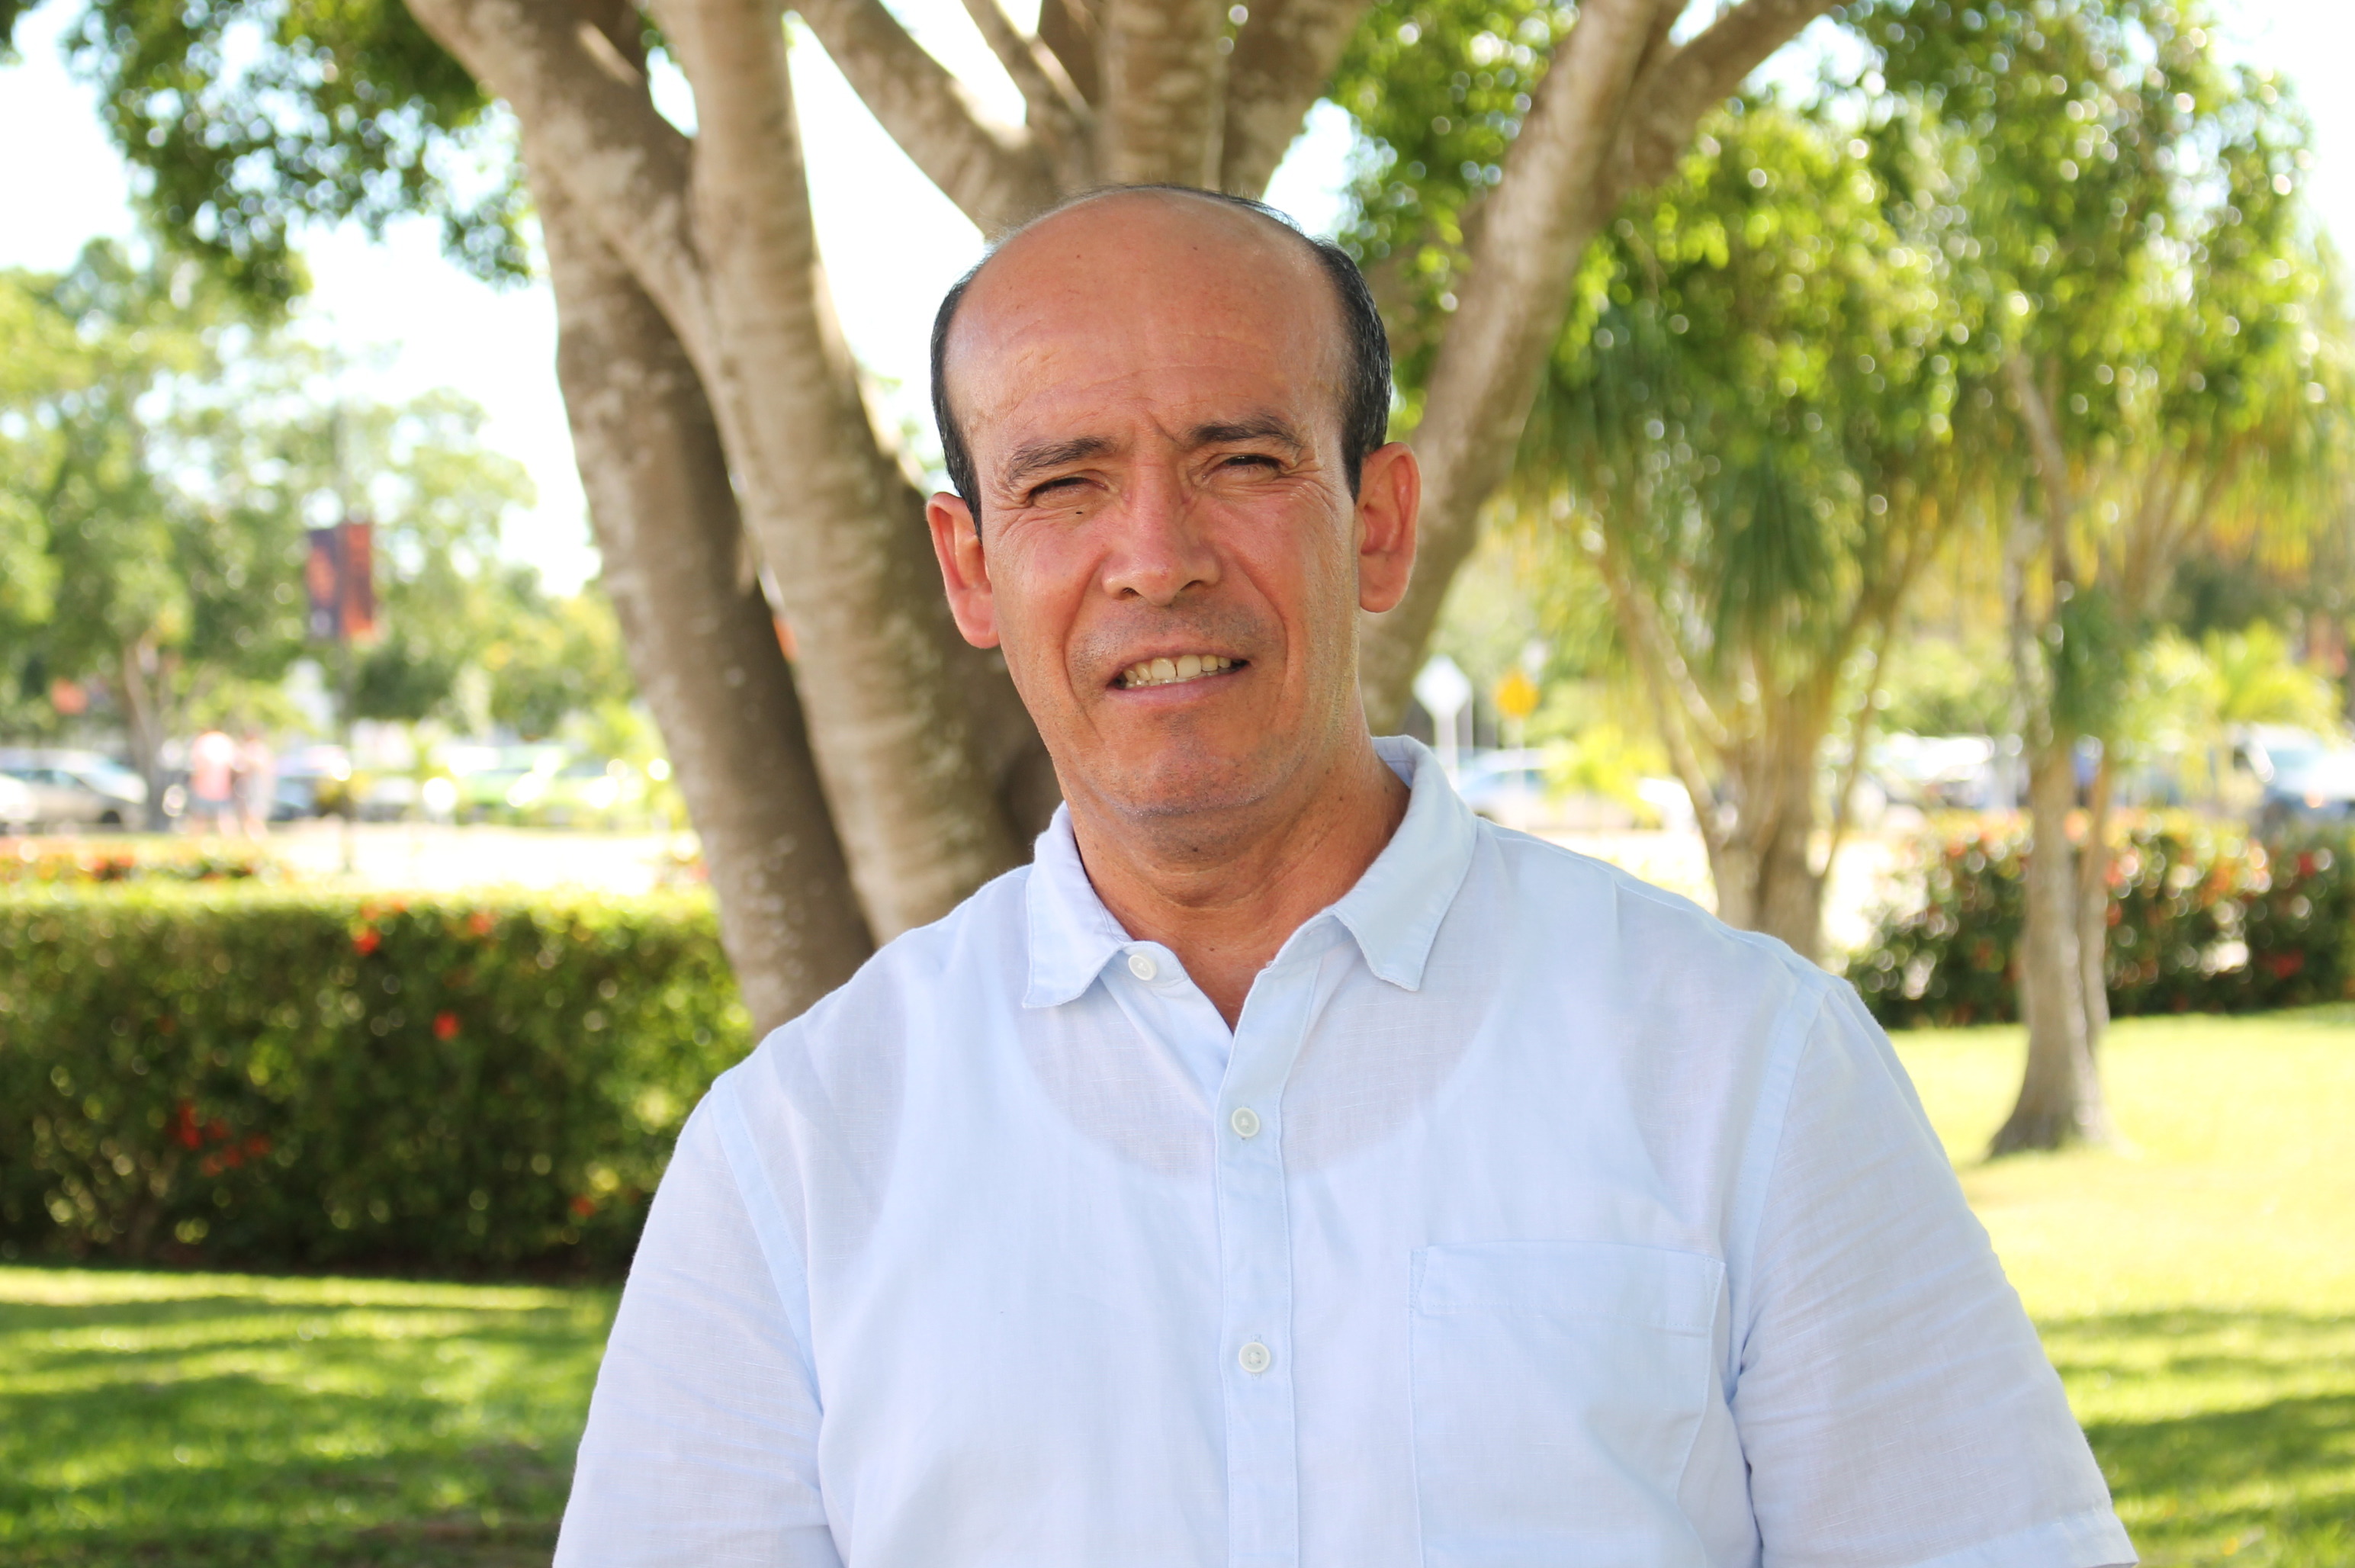 foto del docente José Laines Fernández Zárate